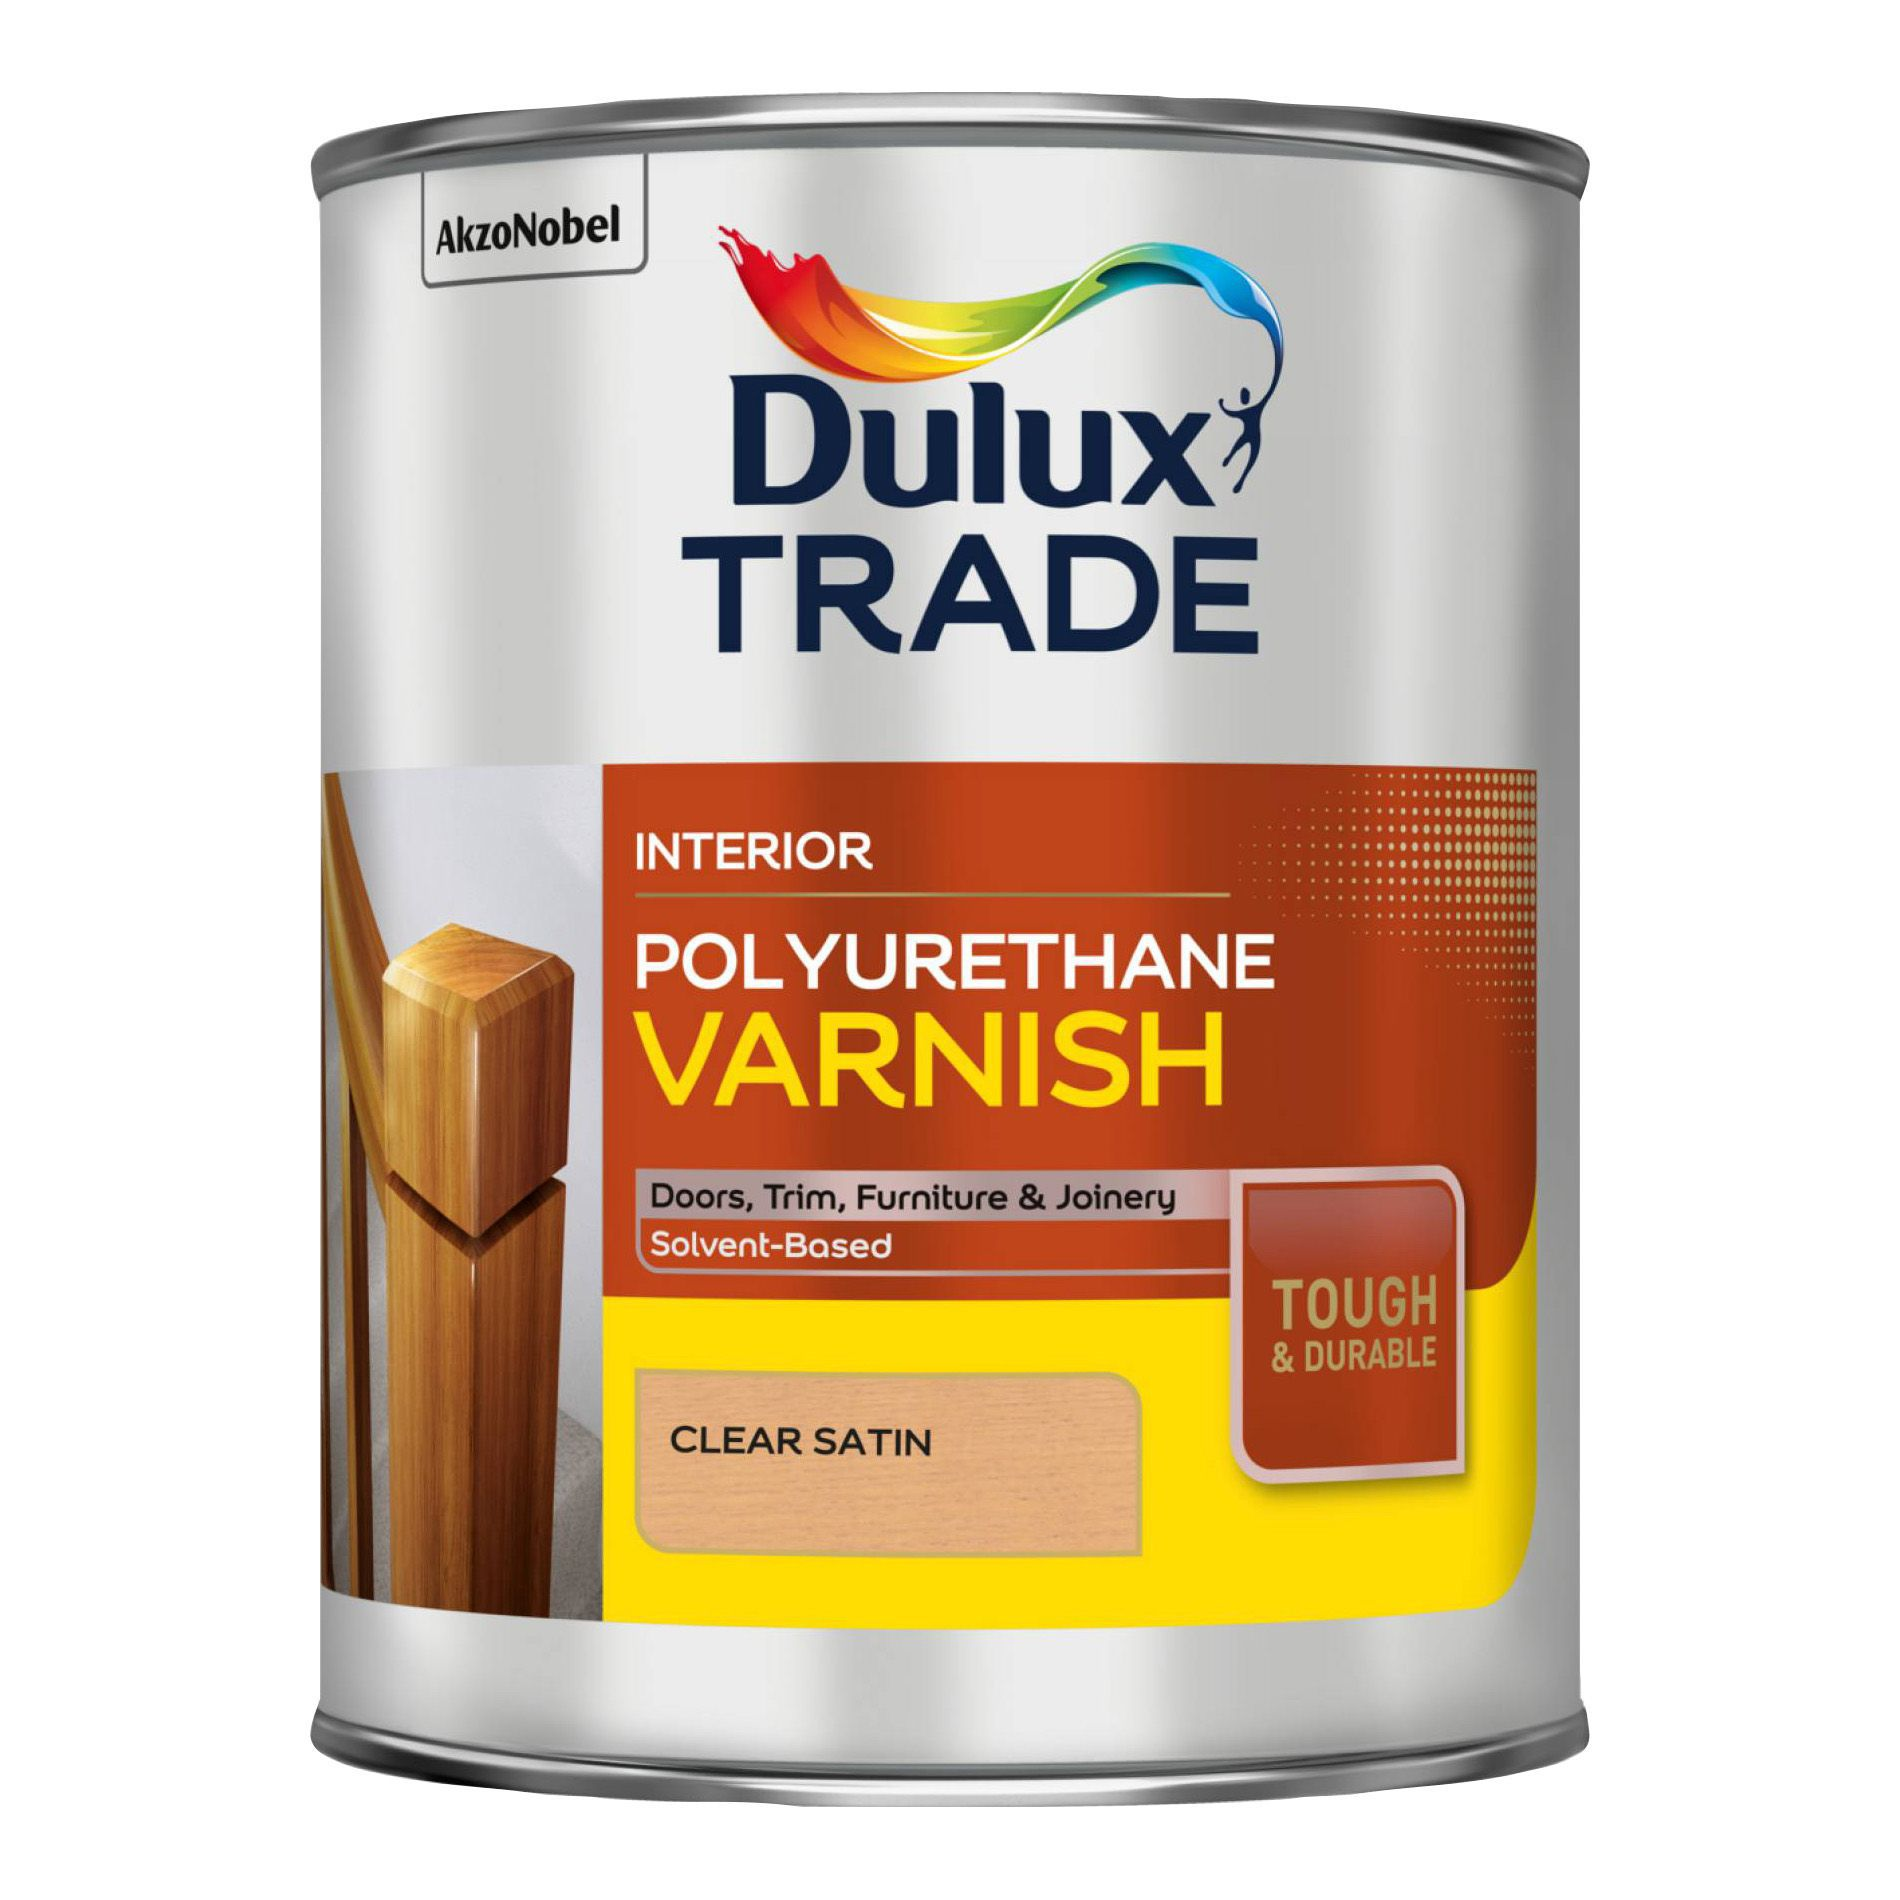 Dulux Trade Clear Satin Varnish 1000ml Tin